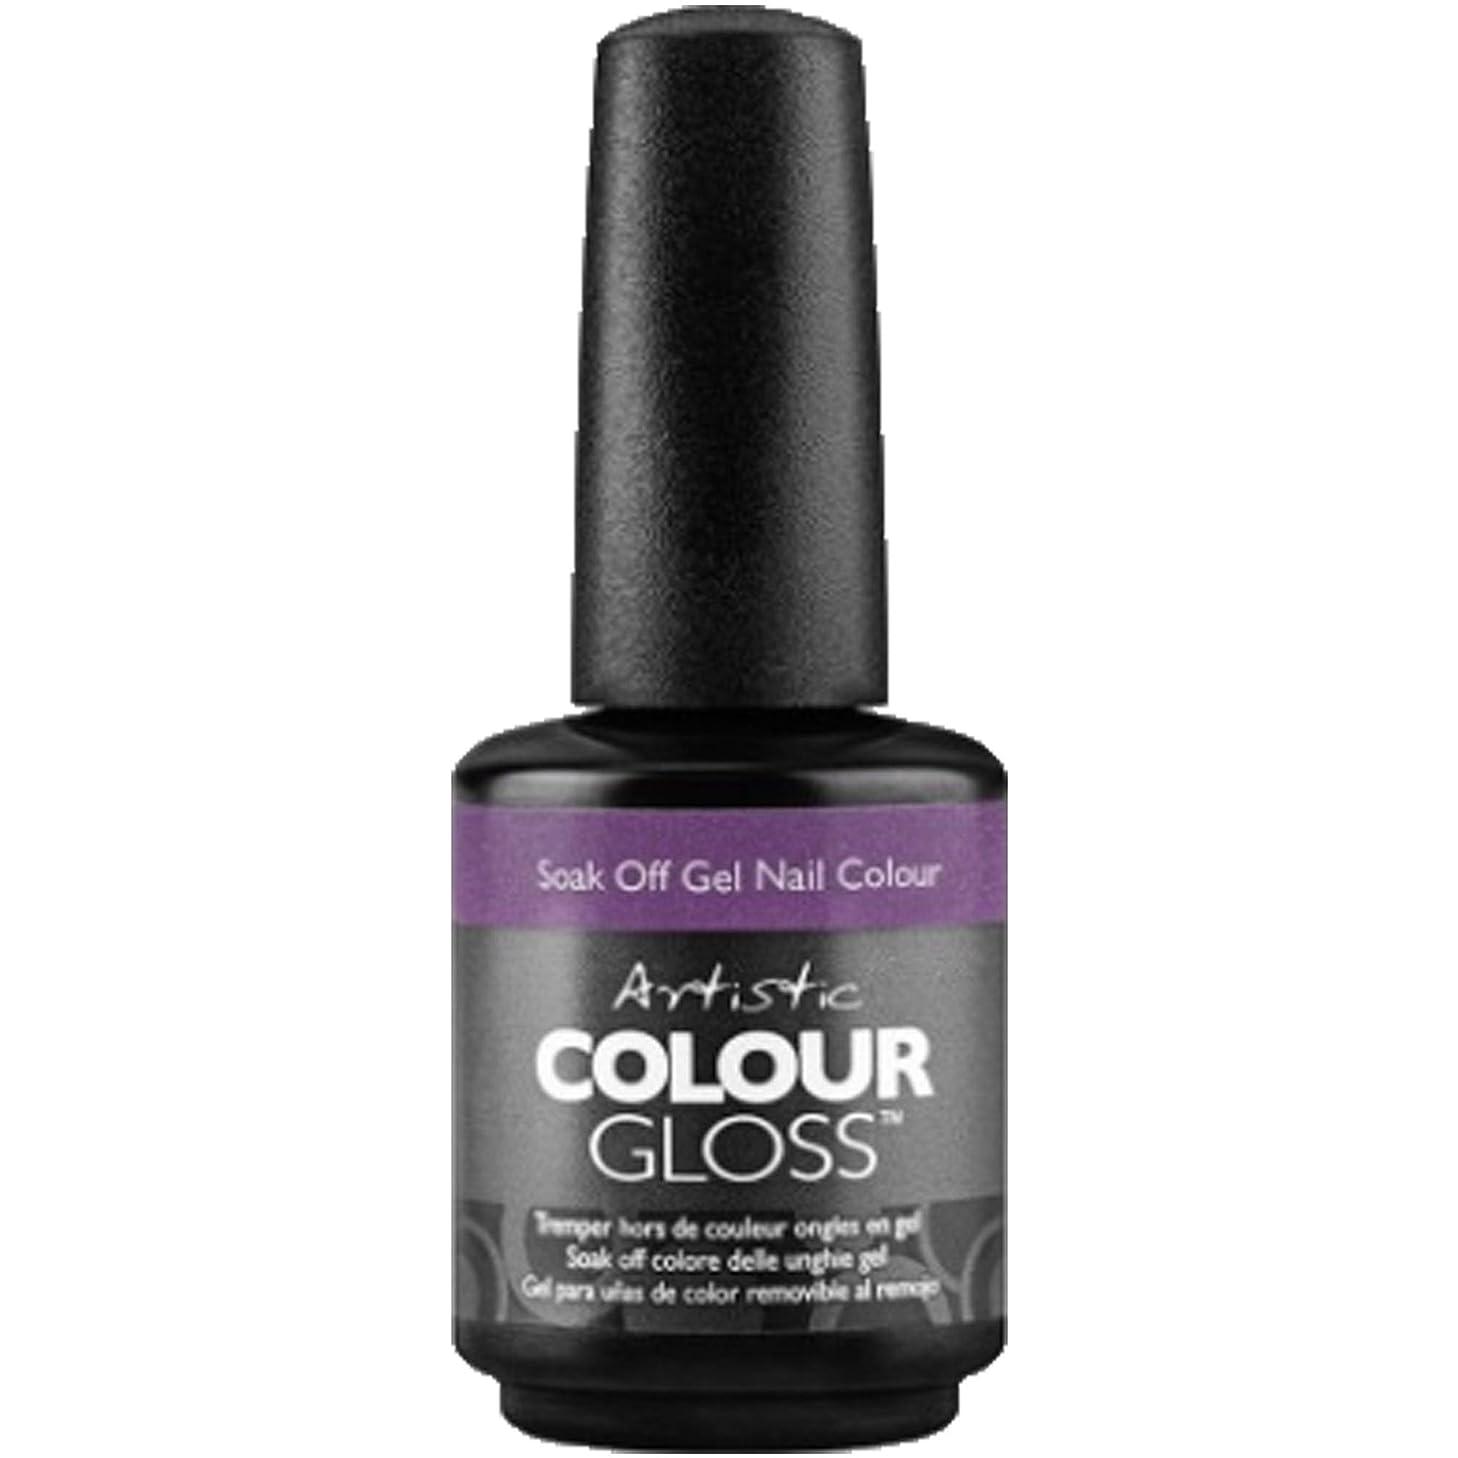 抗生物質リラックス不完全Artistic Colour Gloss - I've Been Good-ish - 0.5oz / 15ml